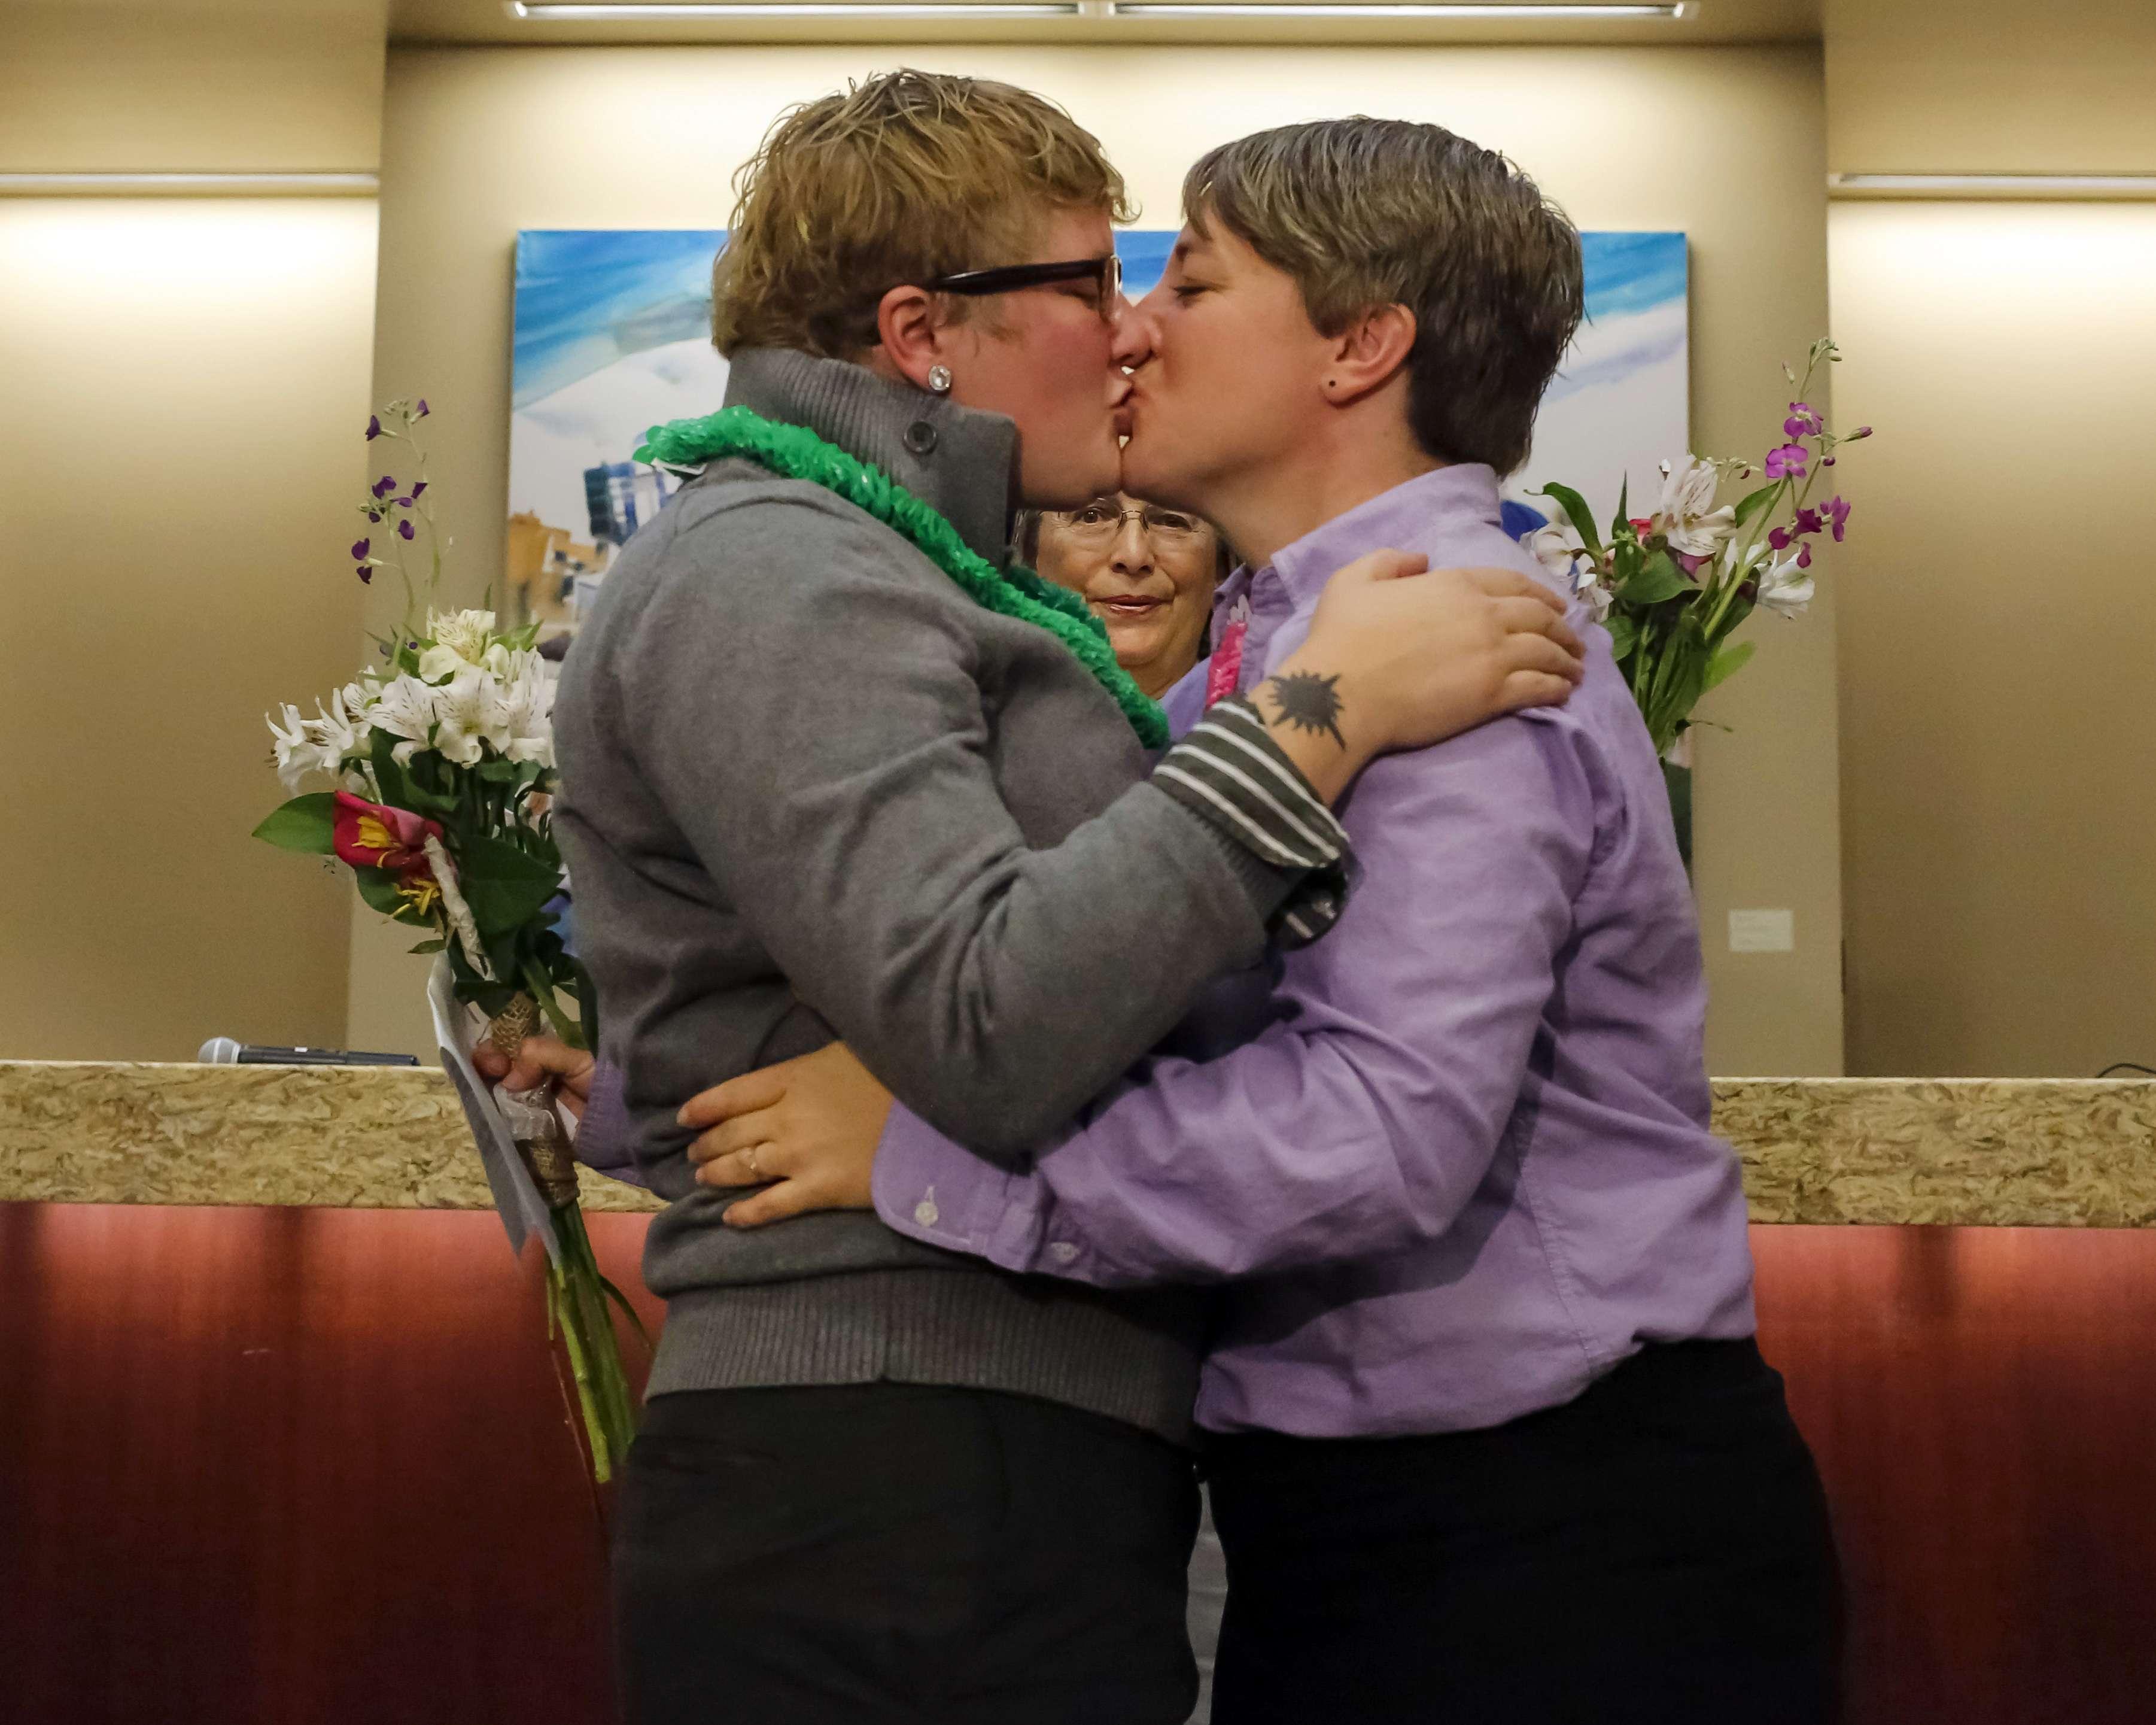 Las parejas casadas en esos estados podrían recibir programas federales como el Seguro Social y beneficios para veteranos de guerra. Foto: Archivo/AP en español